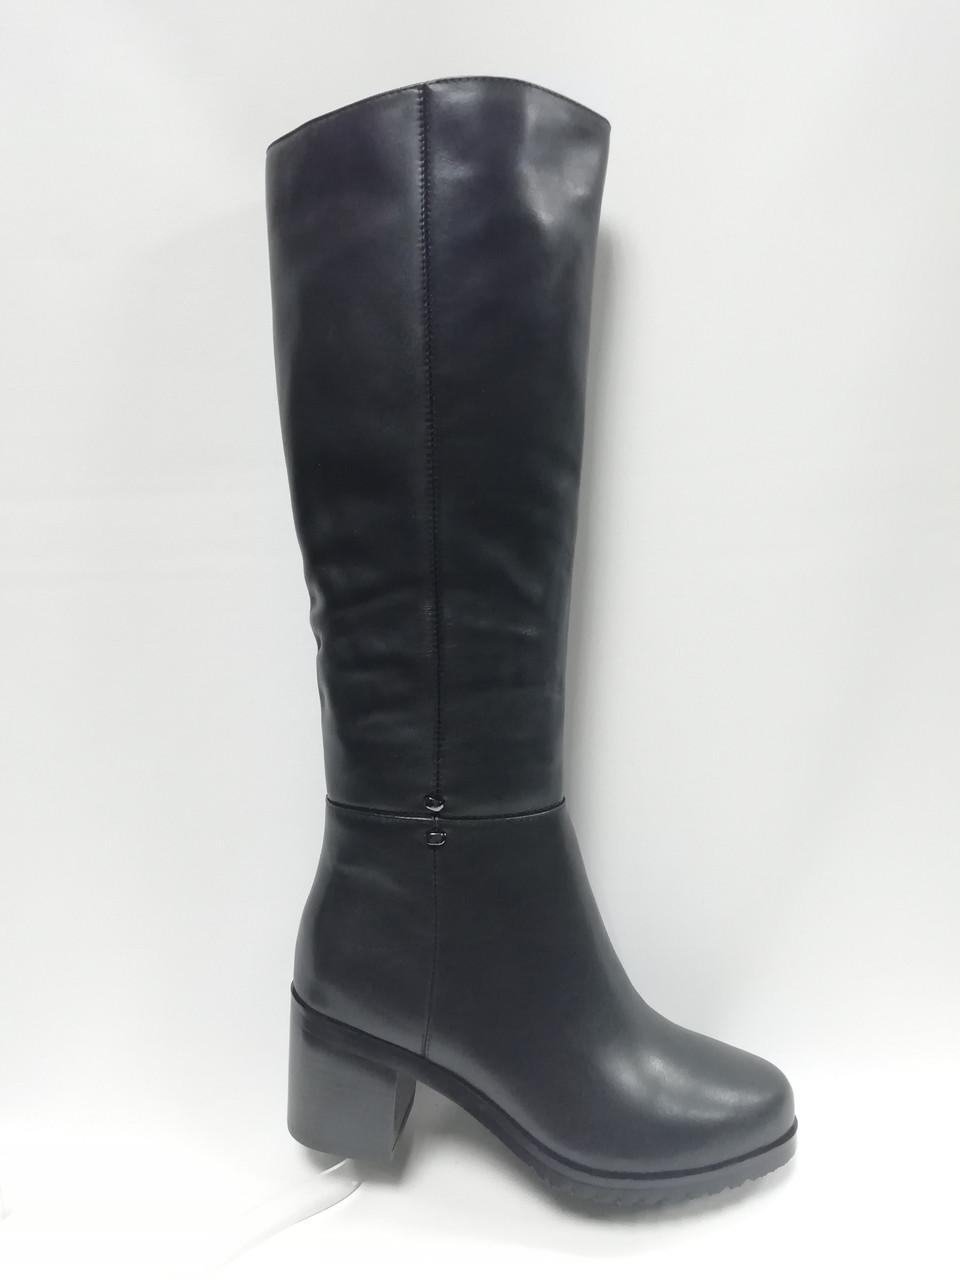 Черные кожаные зимние сапоги Berloni .